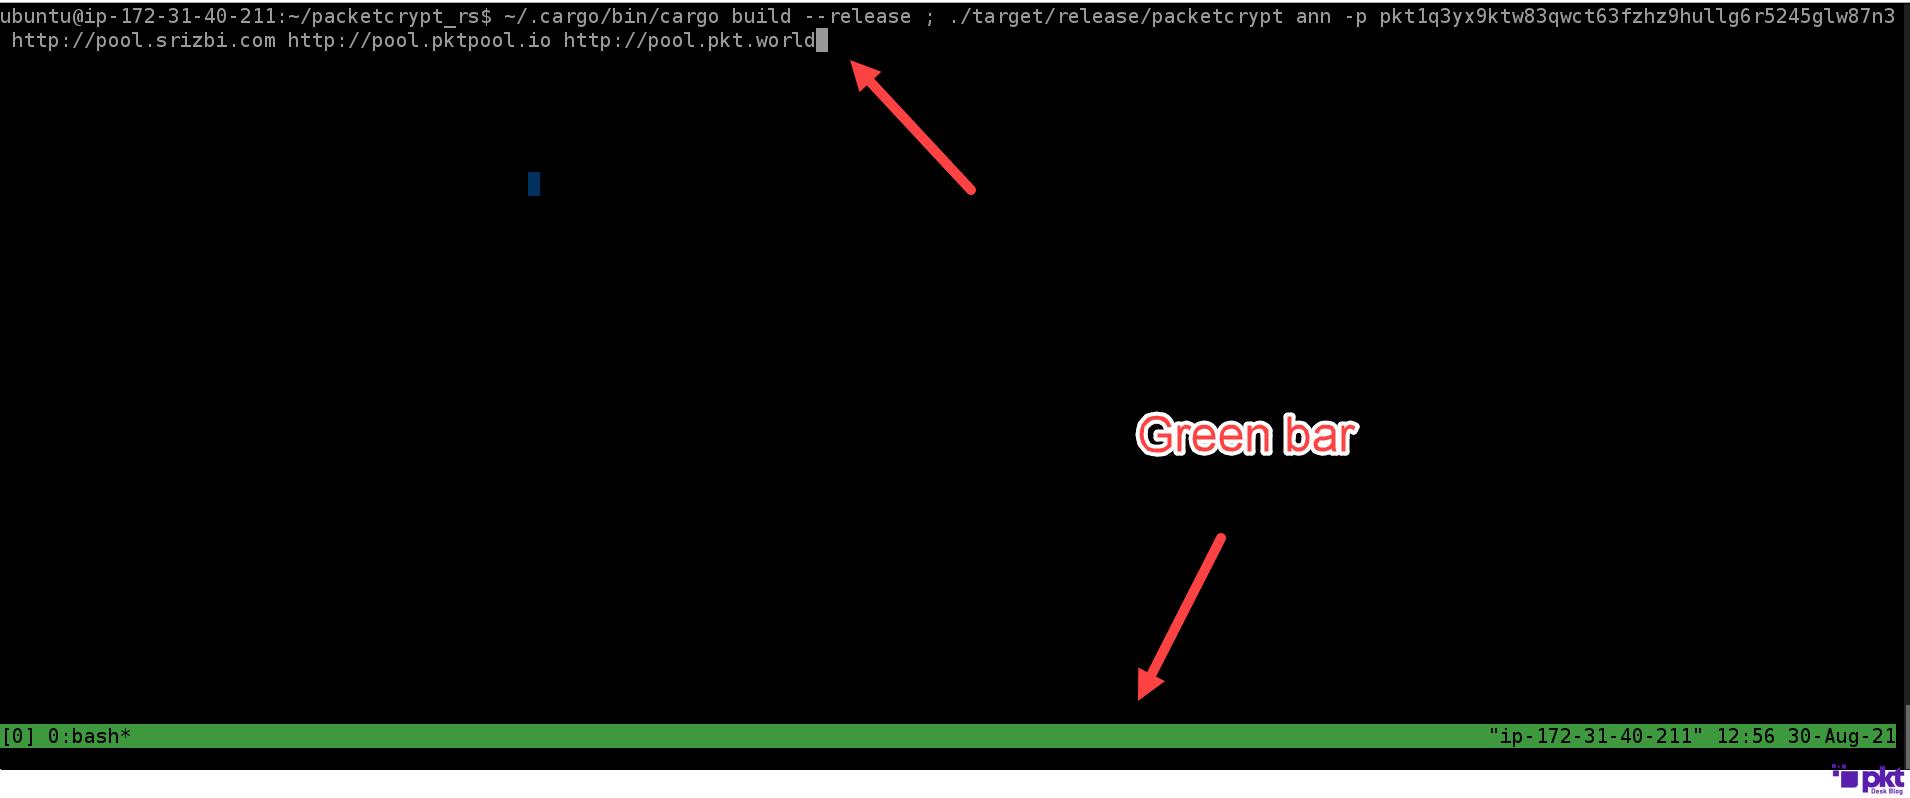 Greenbar PKT